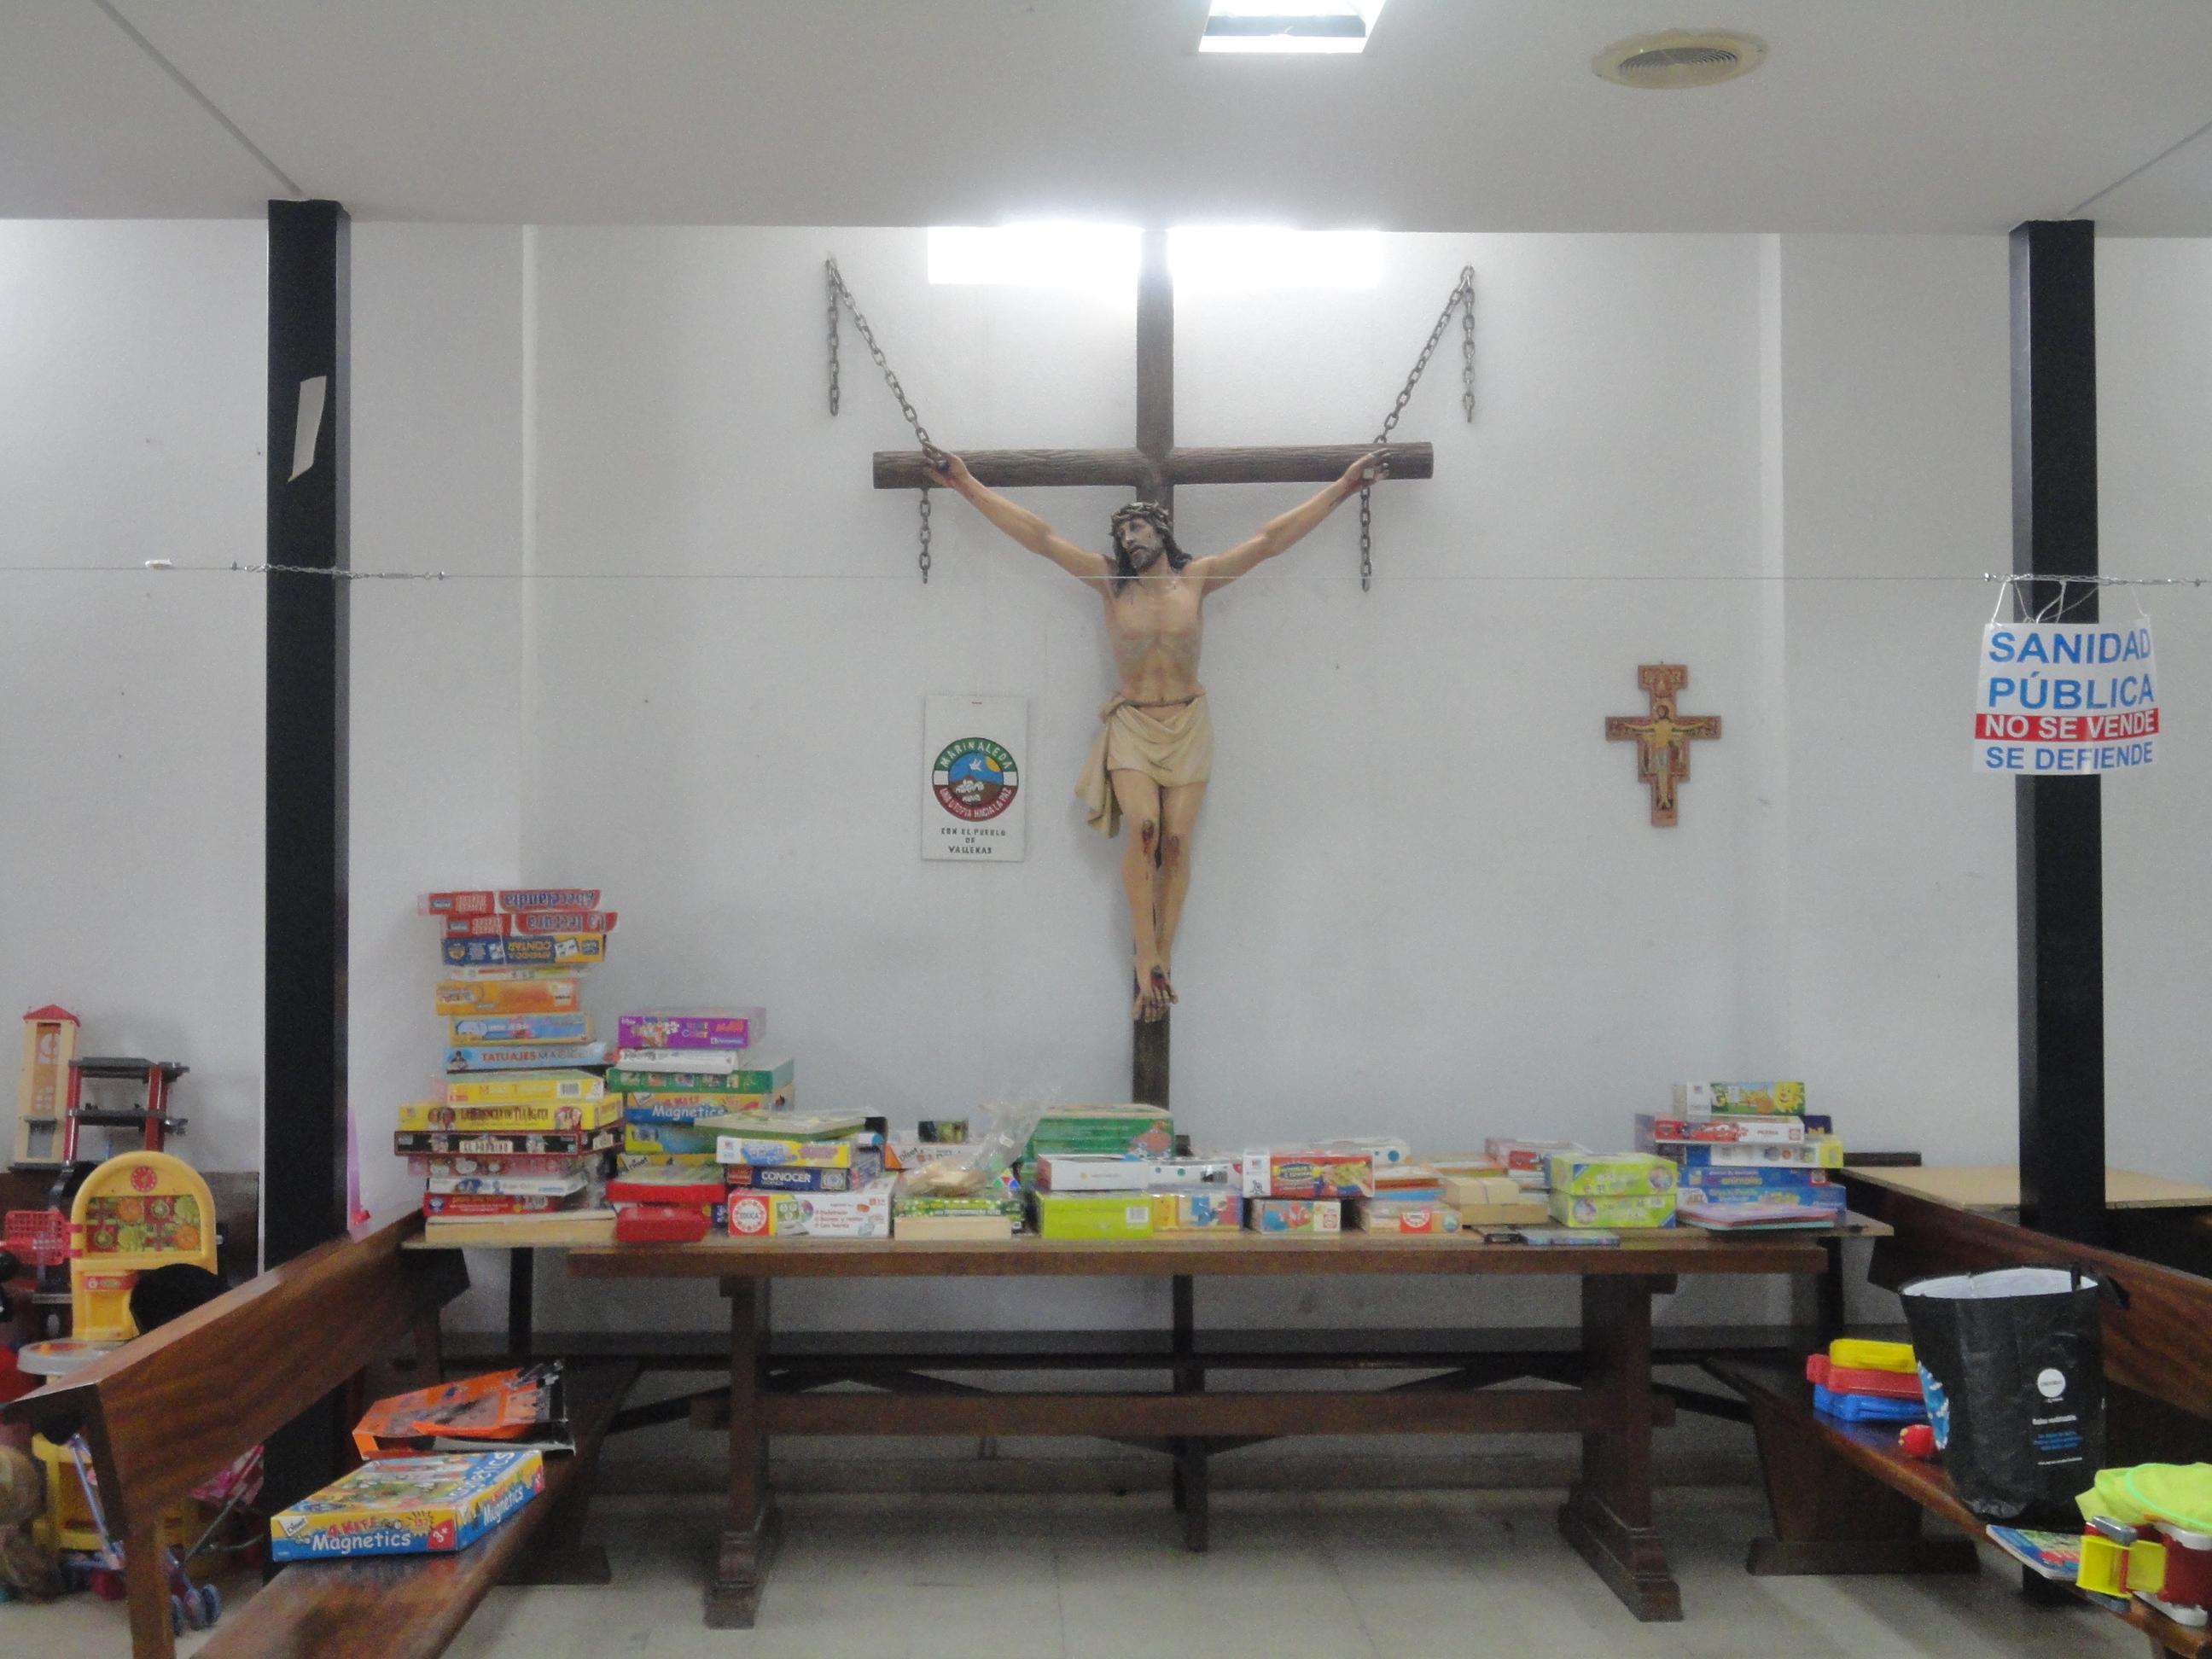 Crucifijo y juguetes